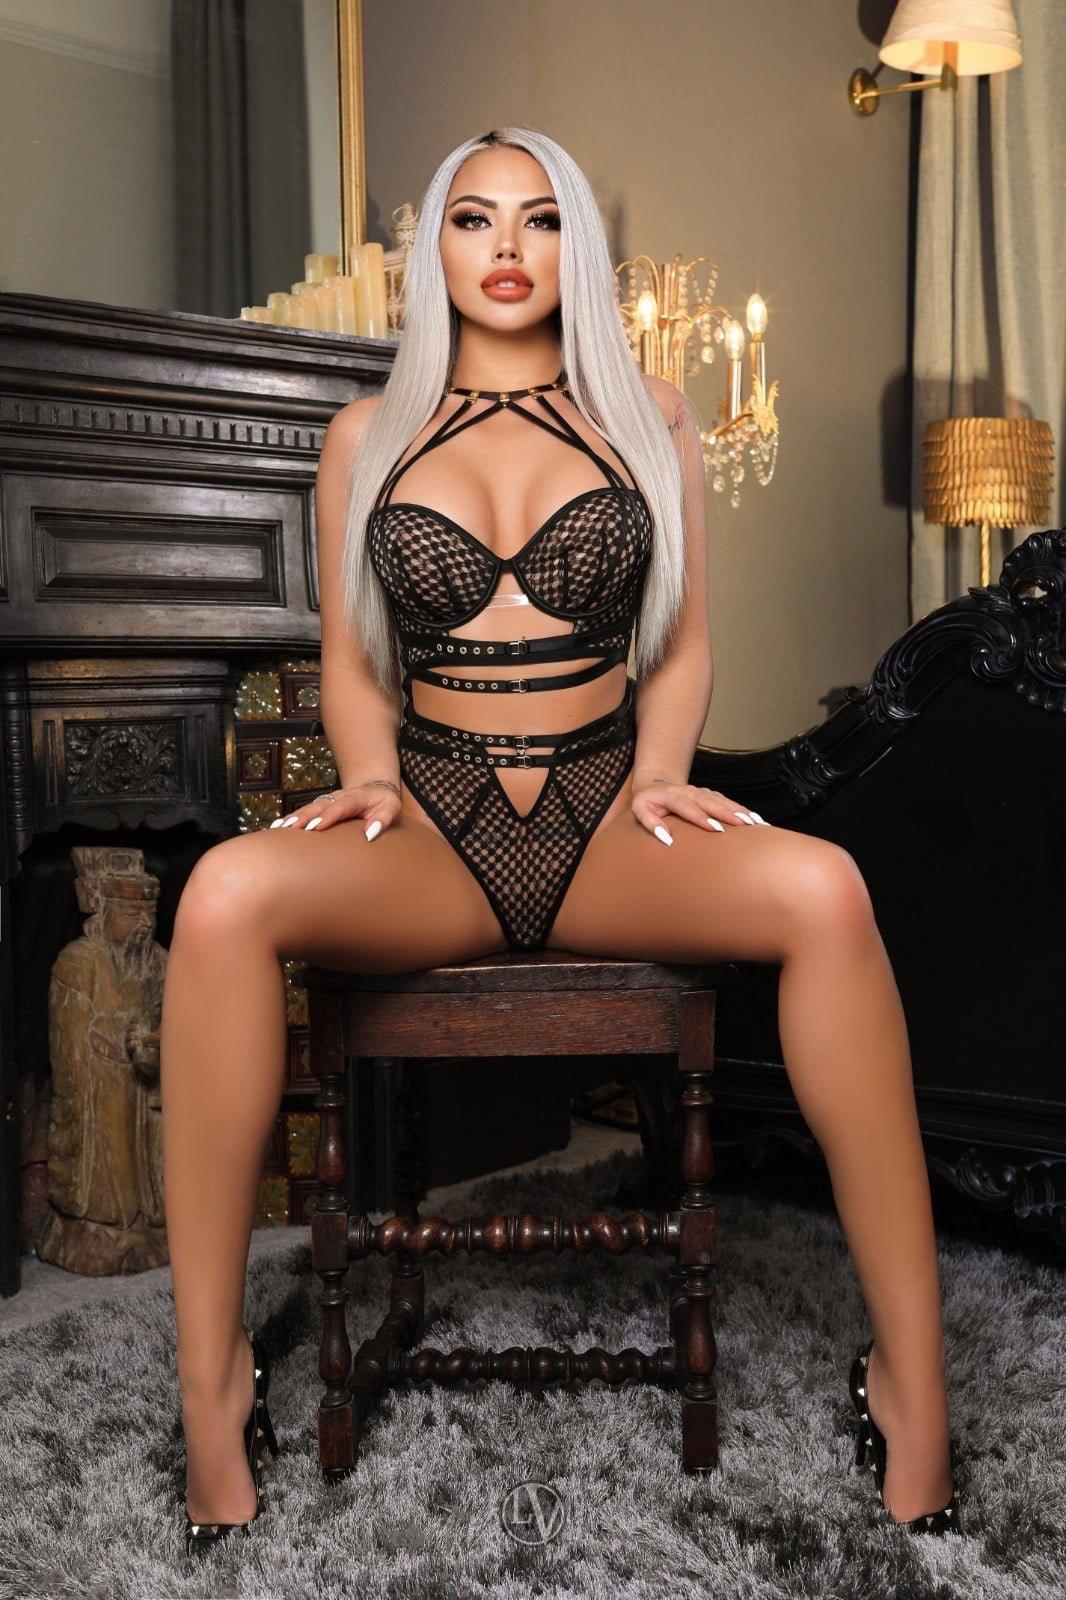 Blonde callgirl Amira sitting on a chair in her black underwear